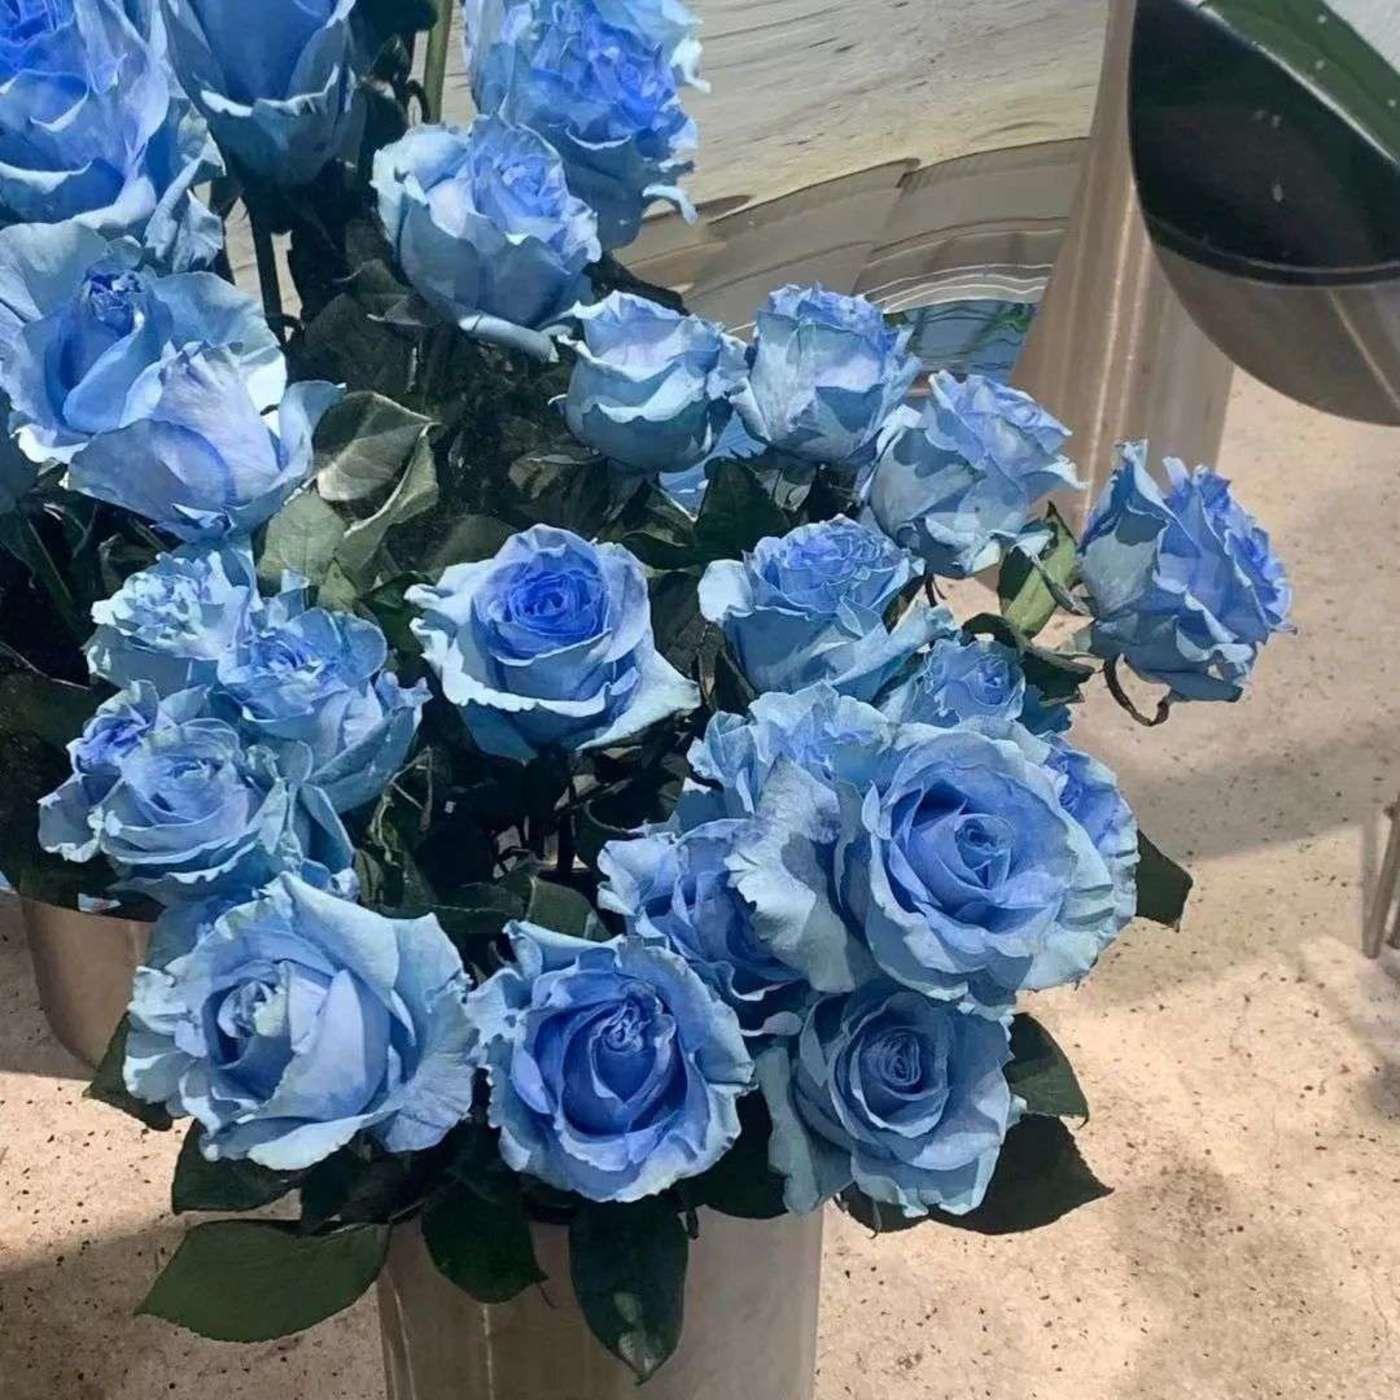 小杨在花店看到的进口染色蓝玫瑰,售价为99元/支